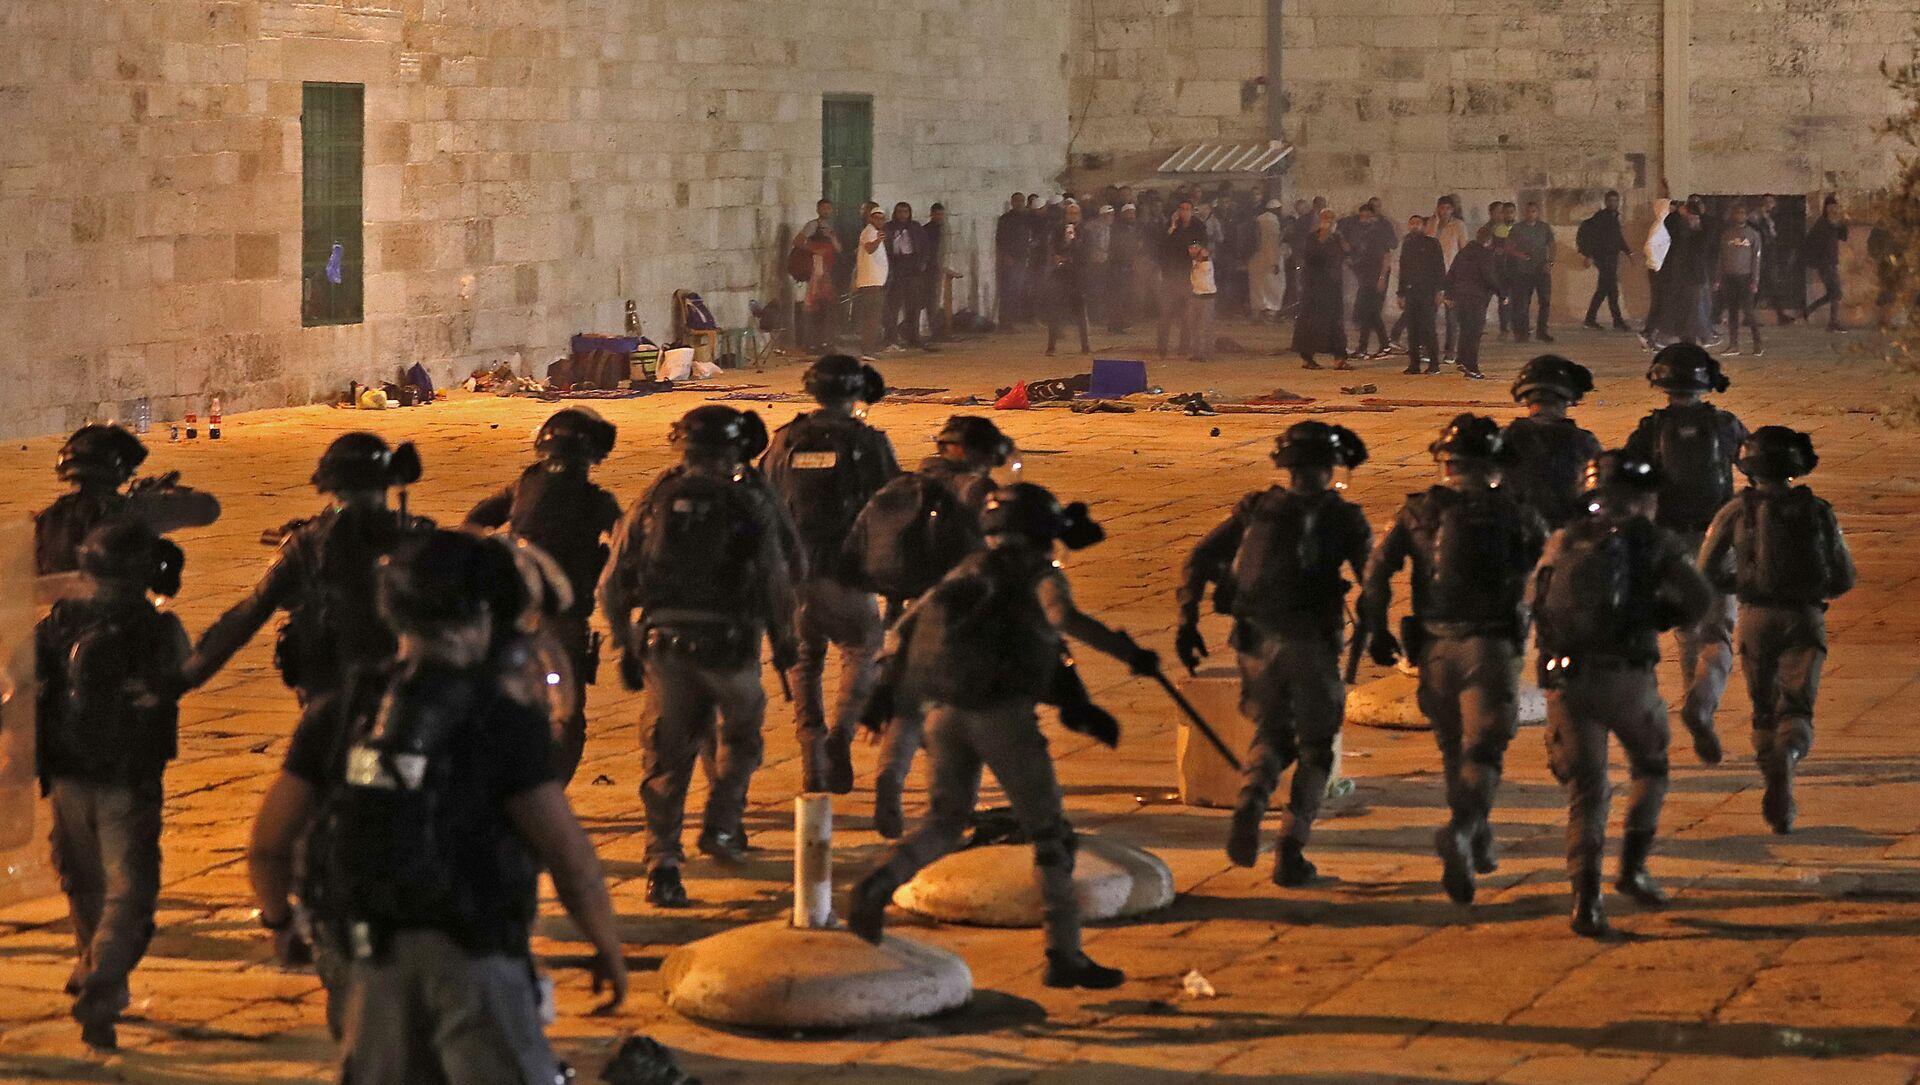 Starcia między Palestyńczykami a izraelską policją w Jerozolimie - Sputnik Polska, 1920, 10.05.2021